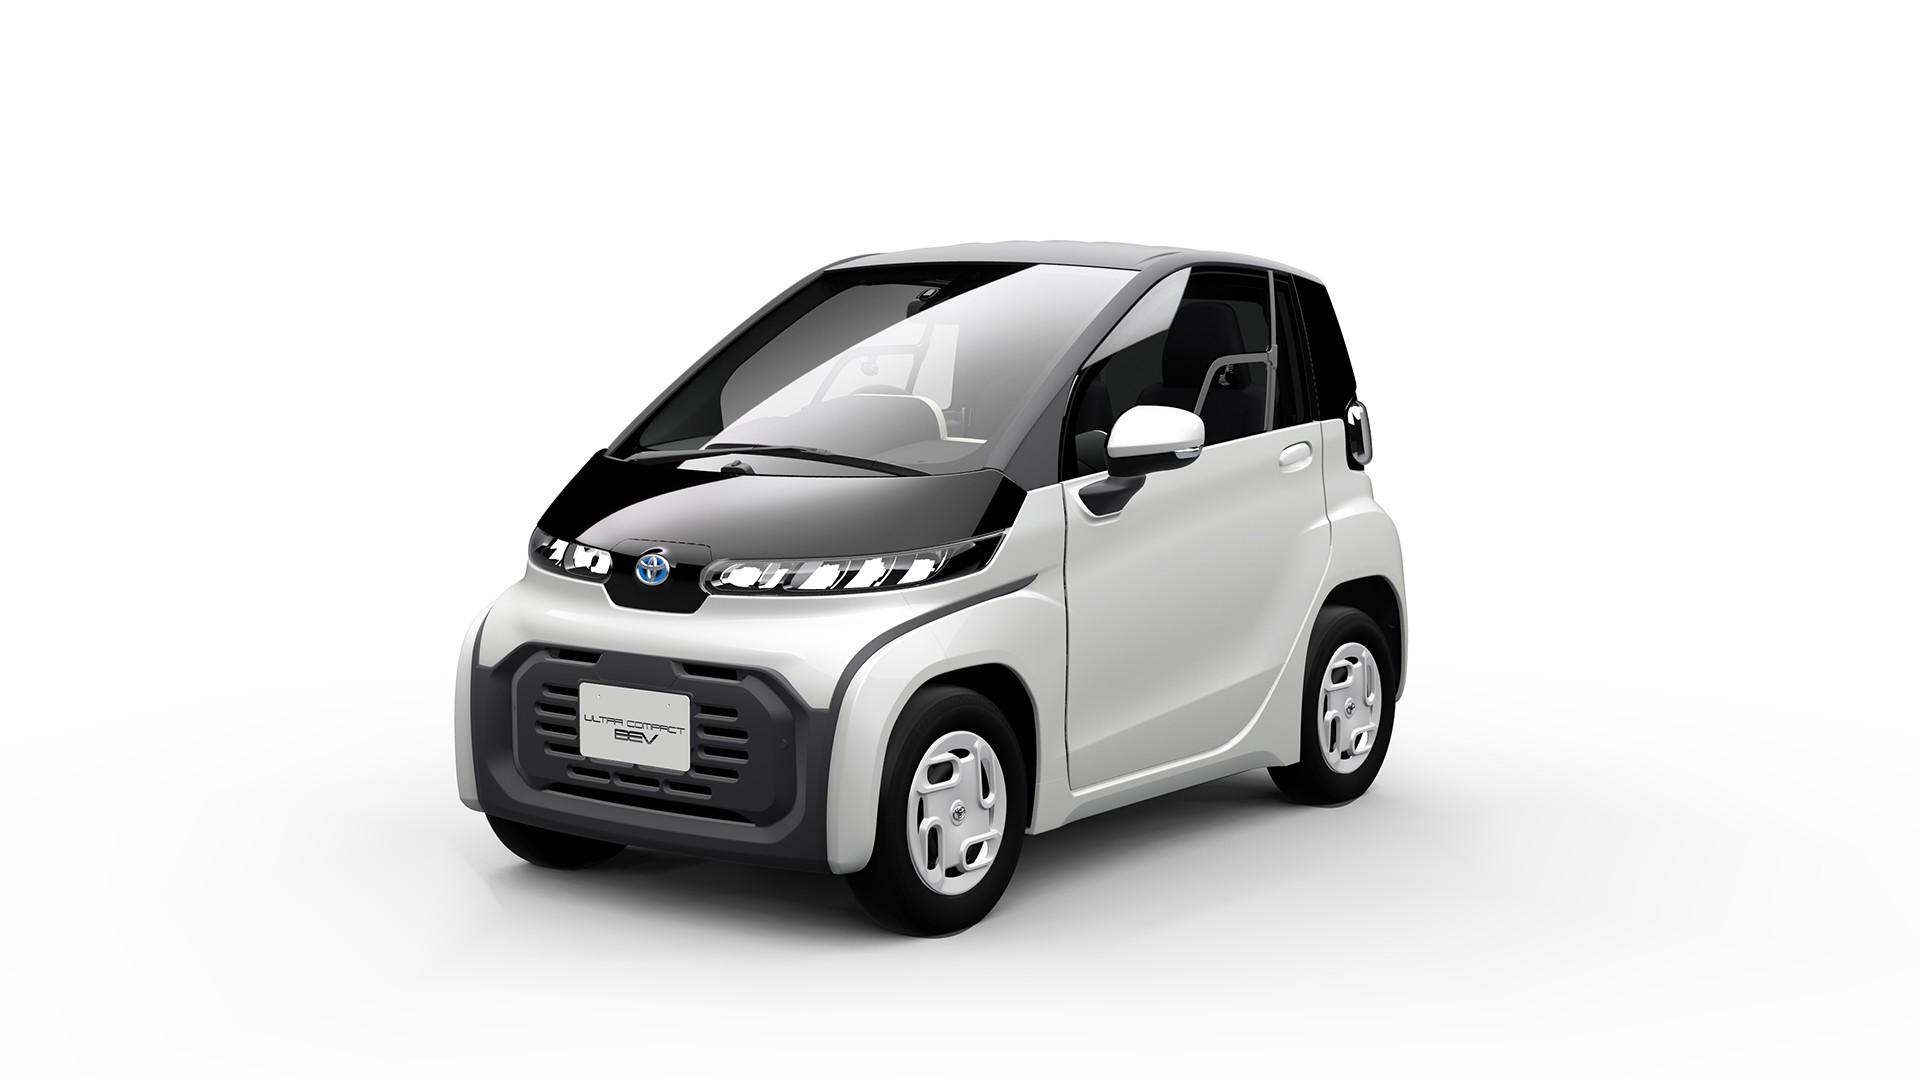 Toyota revela minicarro elétrico menor que moto e que leva apenas 2 pessoas - Notícias - Plantão Diário